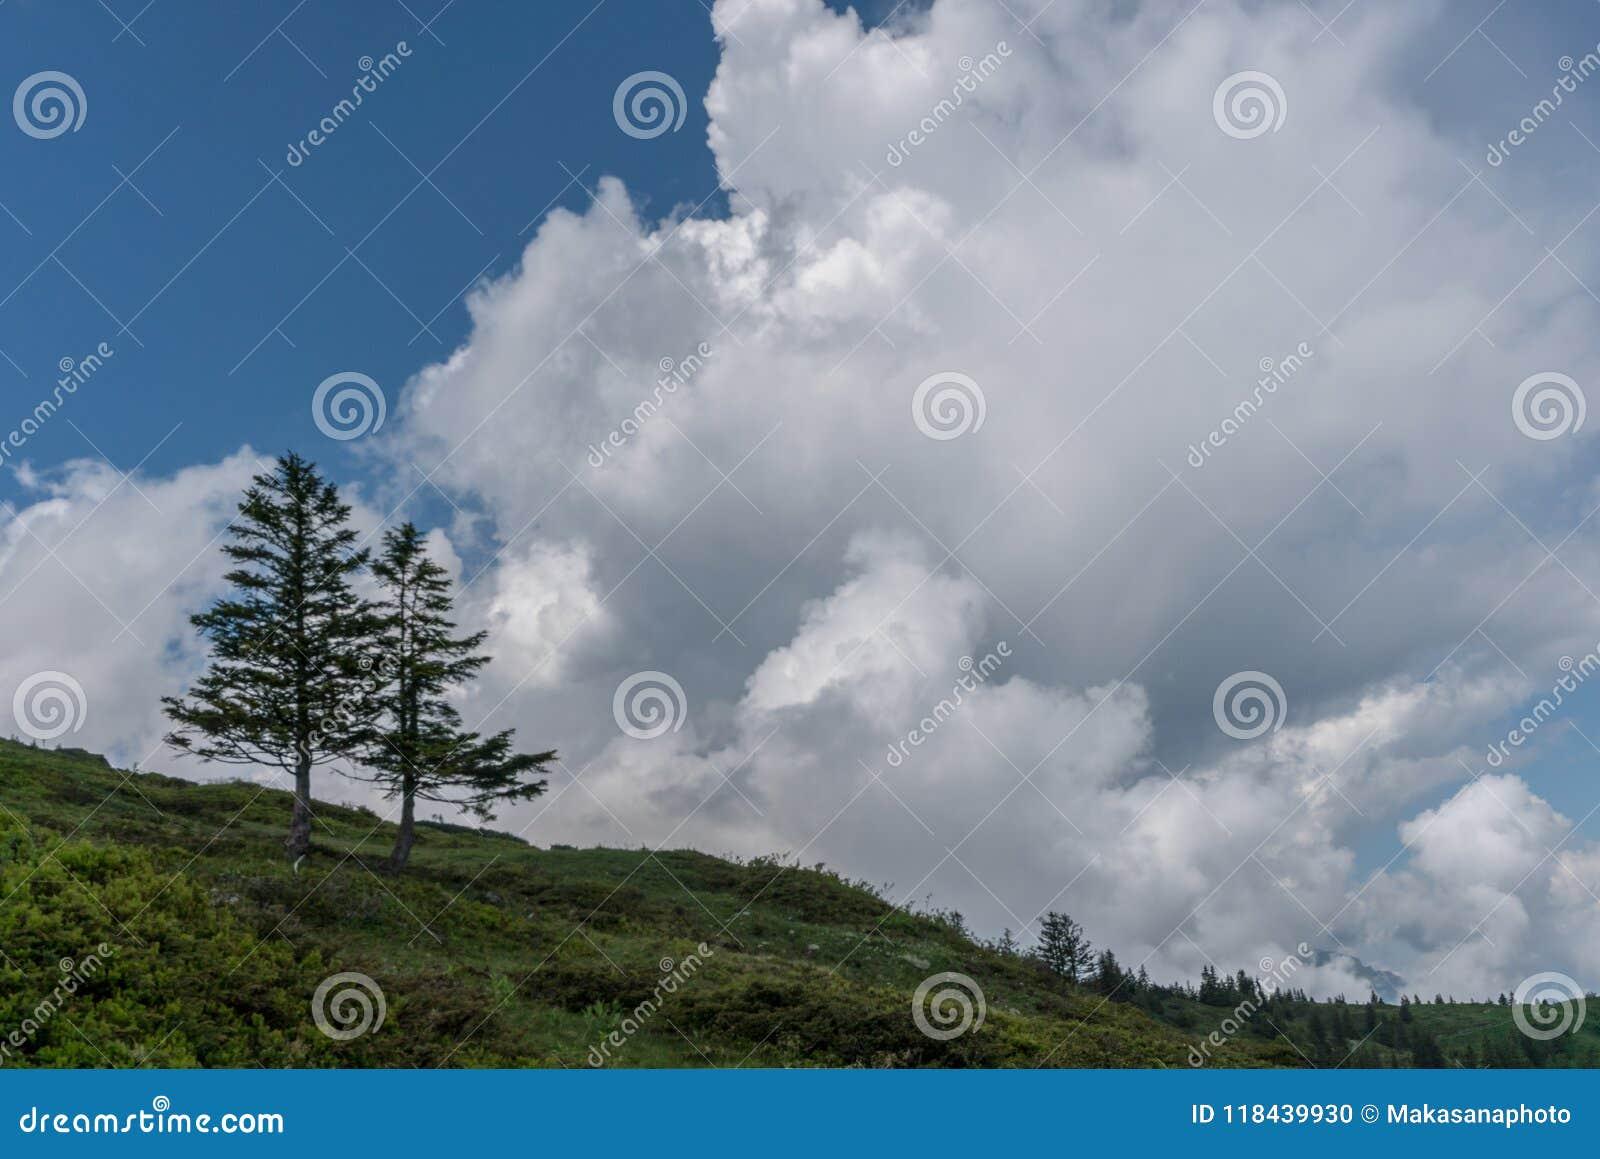 Dos árboles de pino solitarios en el horizonte debajo de un cielo nublado salvaje y expresivo